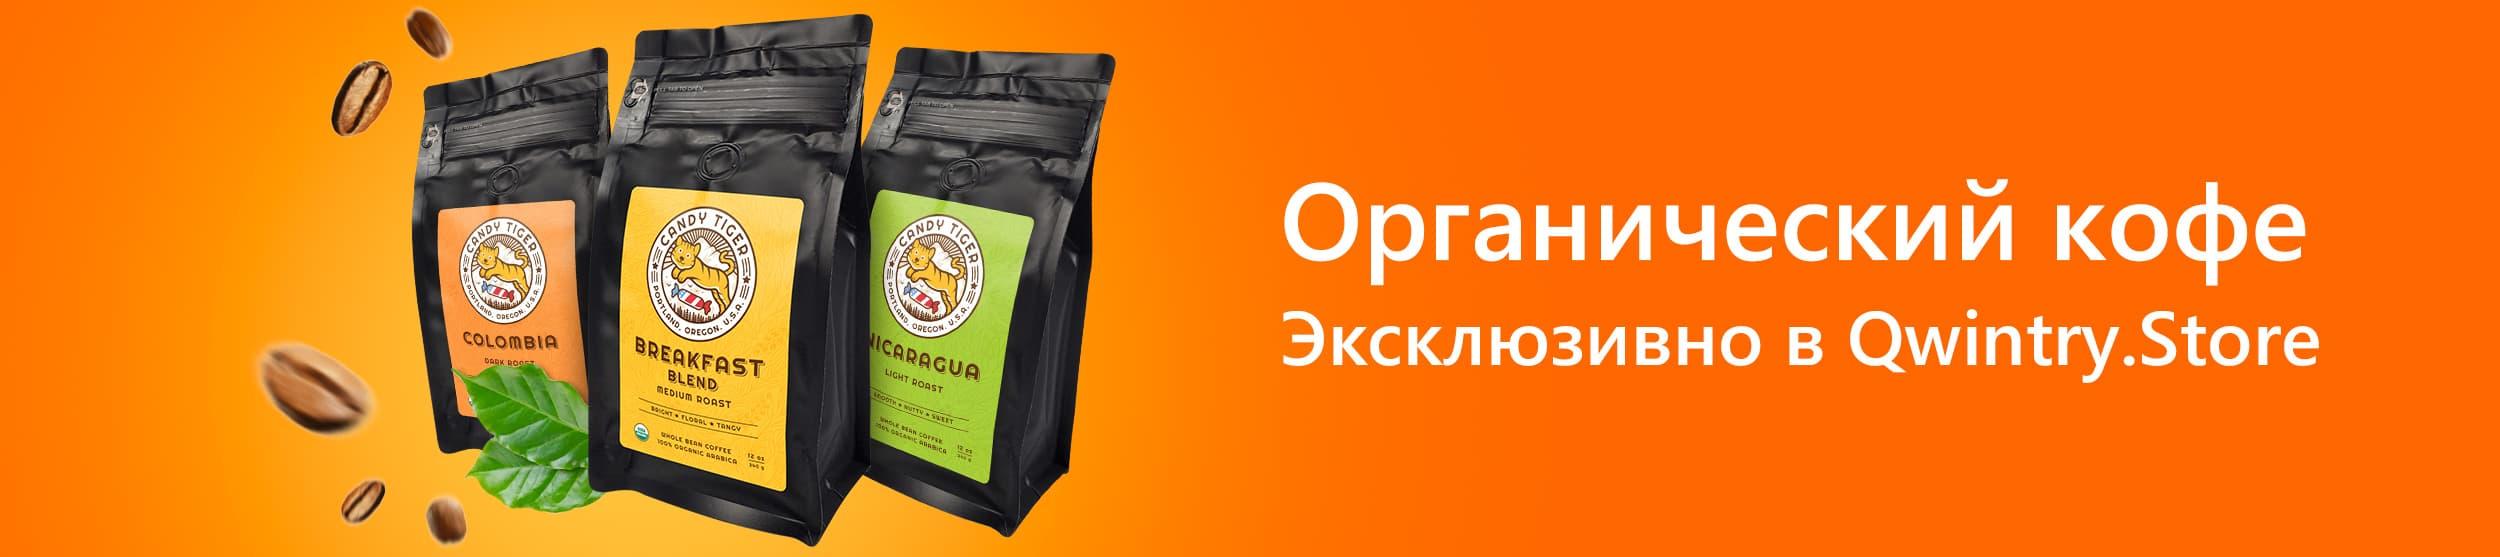 Органический кофе Candy Tiger